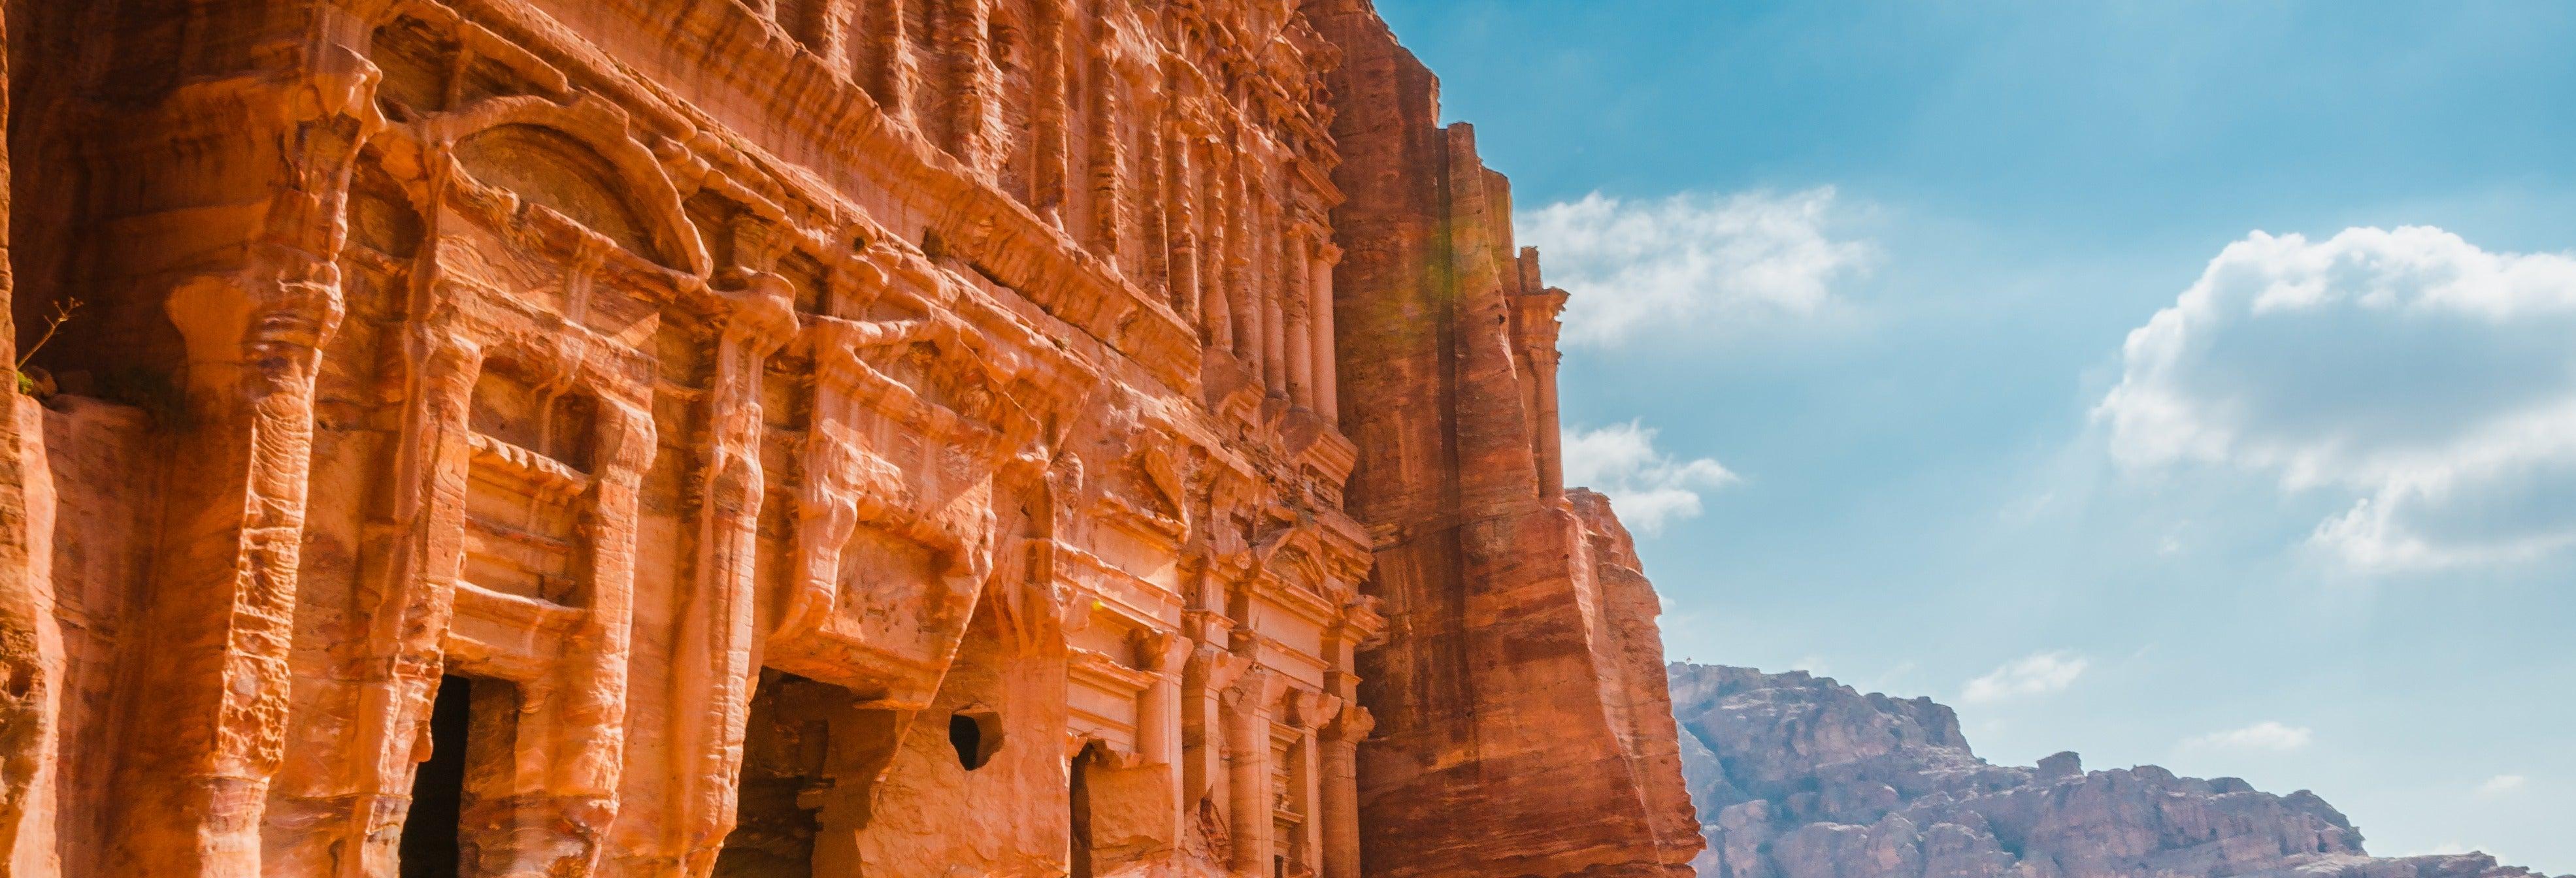 Excursion à Pétra + Jeep dans Wadi Rum